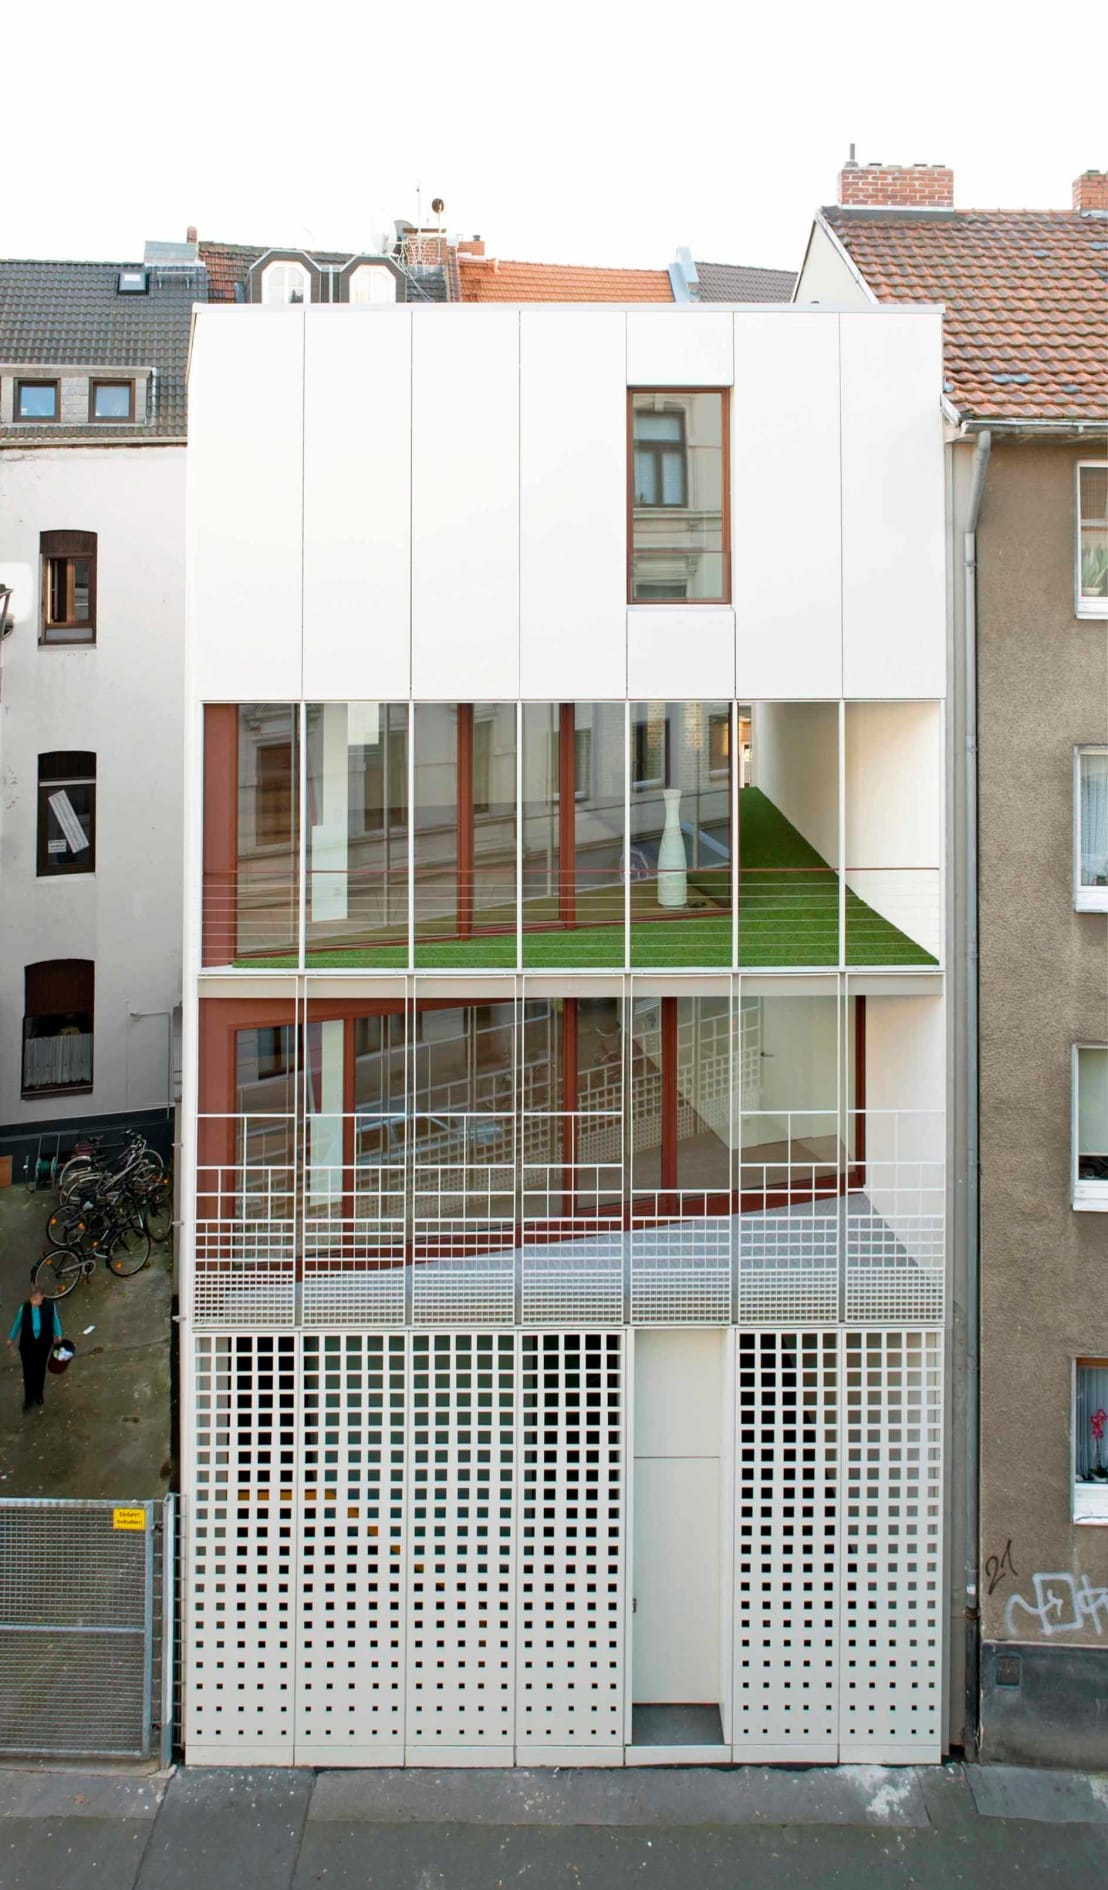 Stadthaus florastra e k ln by bachmann badie architekten homify - Bachmann badie architekten ...